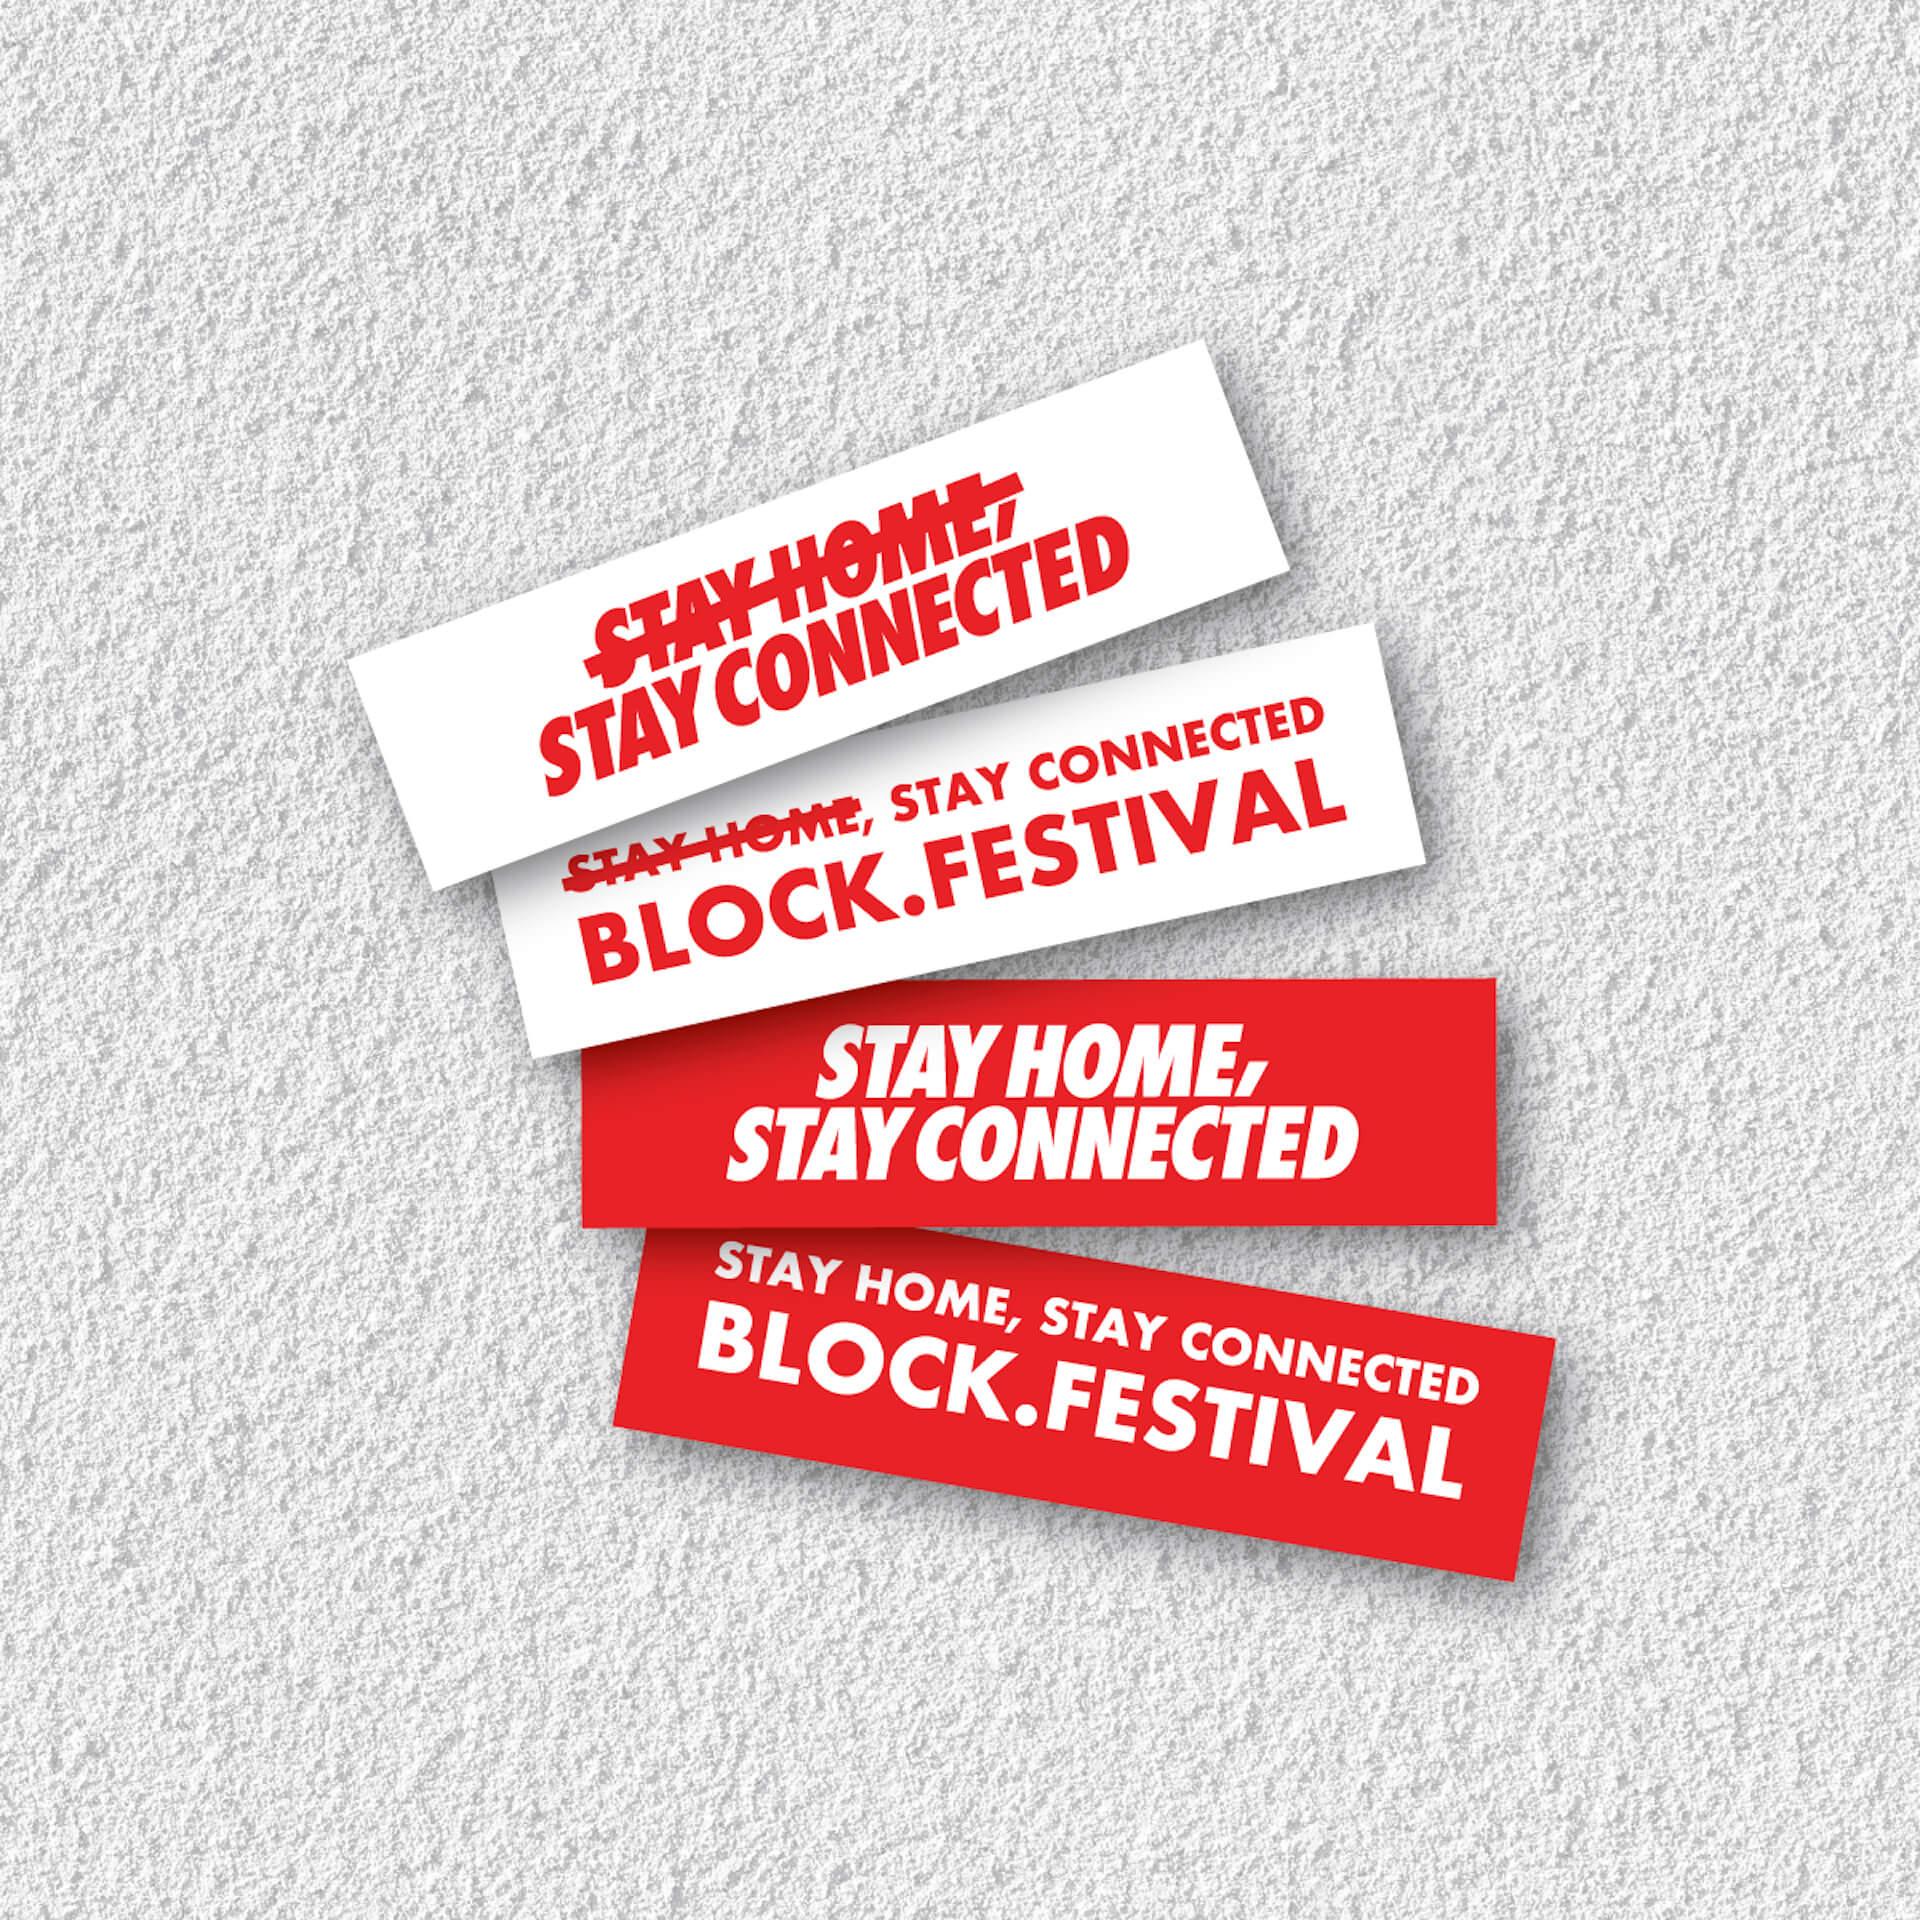 オンラインフェス<BLOCK.FESTIVAL Vol.2>にSHINICHI OSAWA、スチャダラパーらが追加&タイムスケジュールも公開!当日はリアル花火など特別企画も music2020729_blockfes1